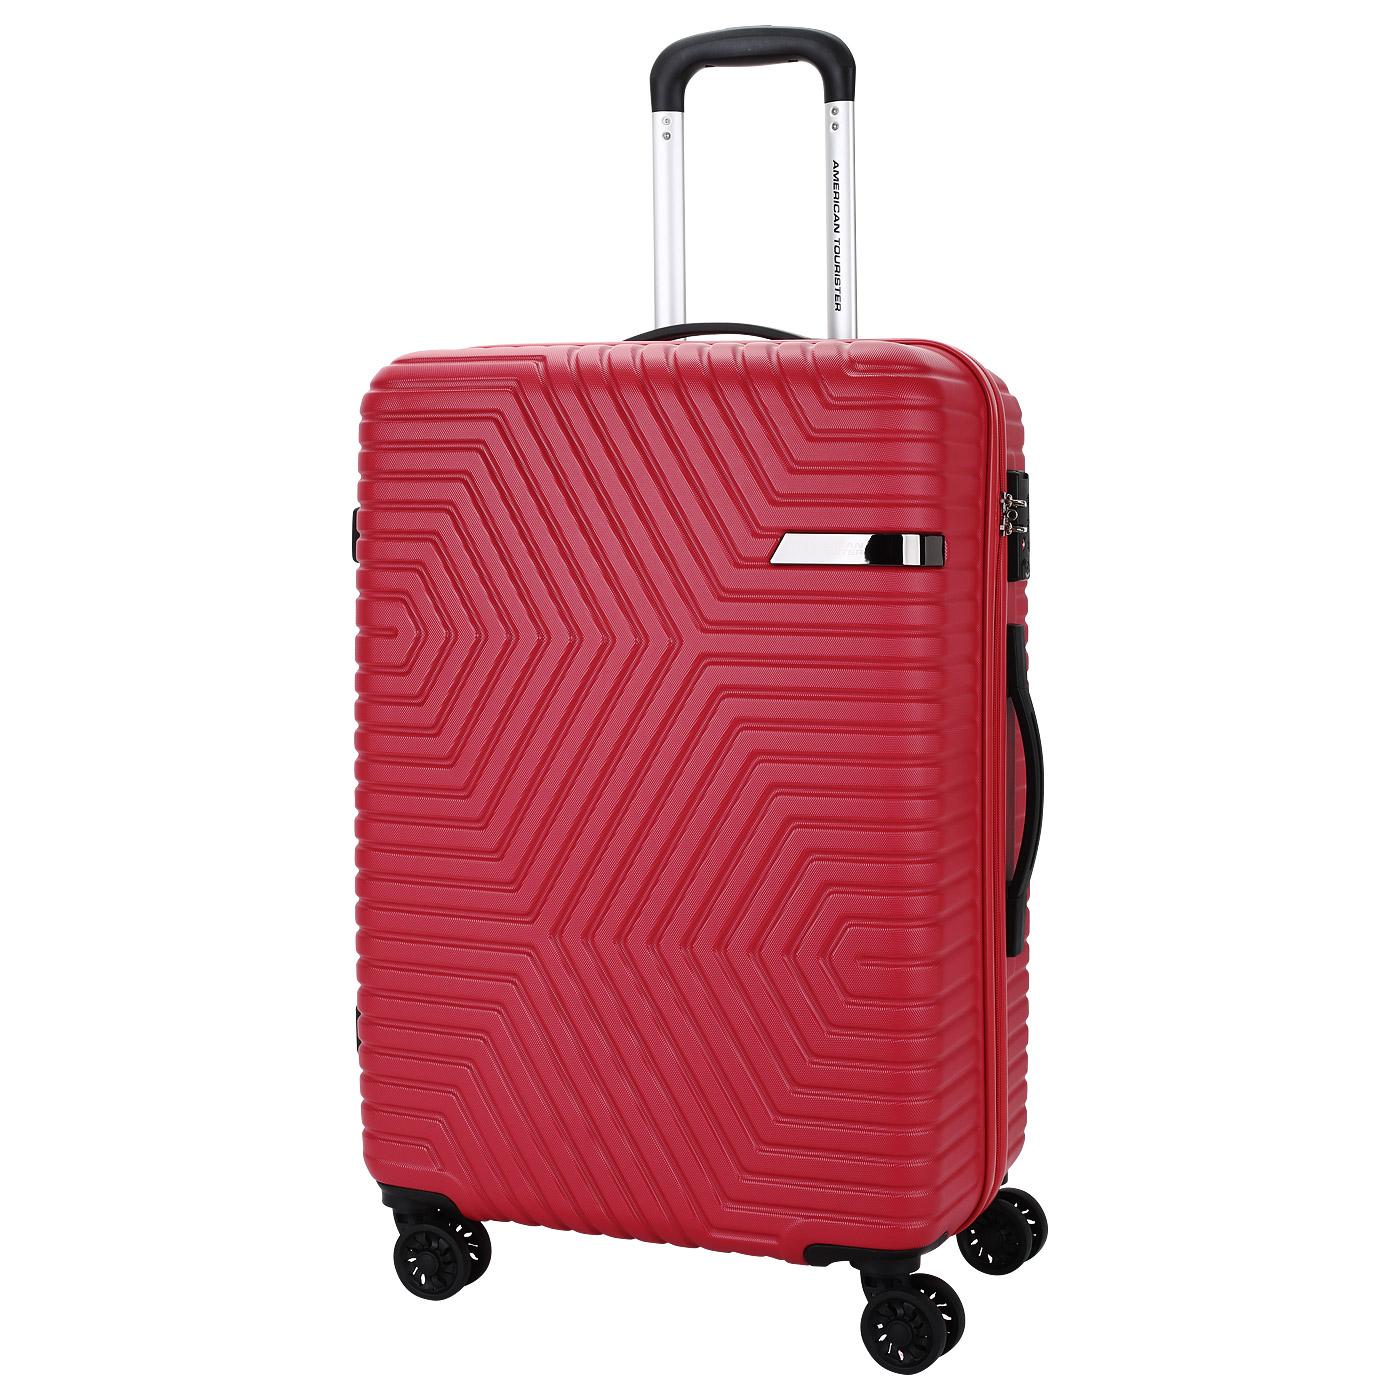 Топ лучших чемоданов American Tourister